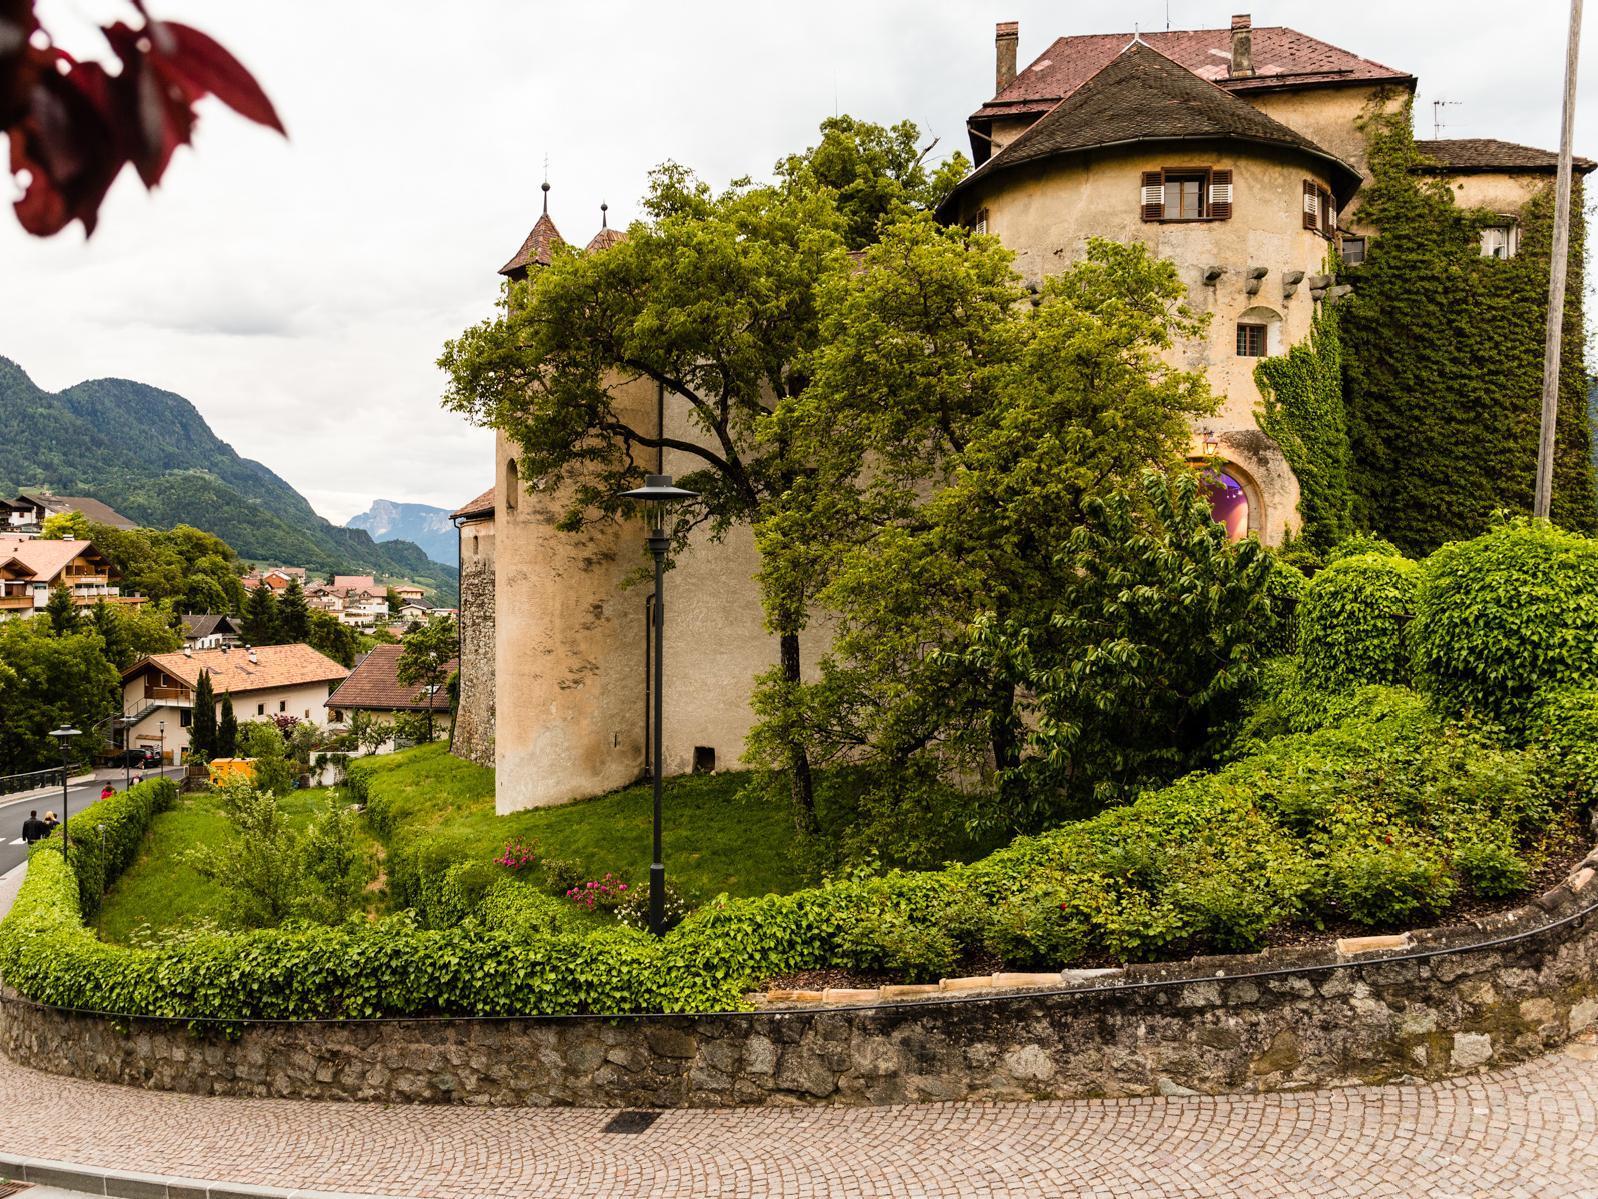 Schenna Castle